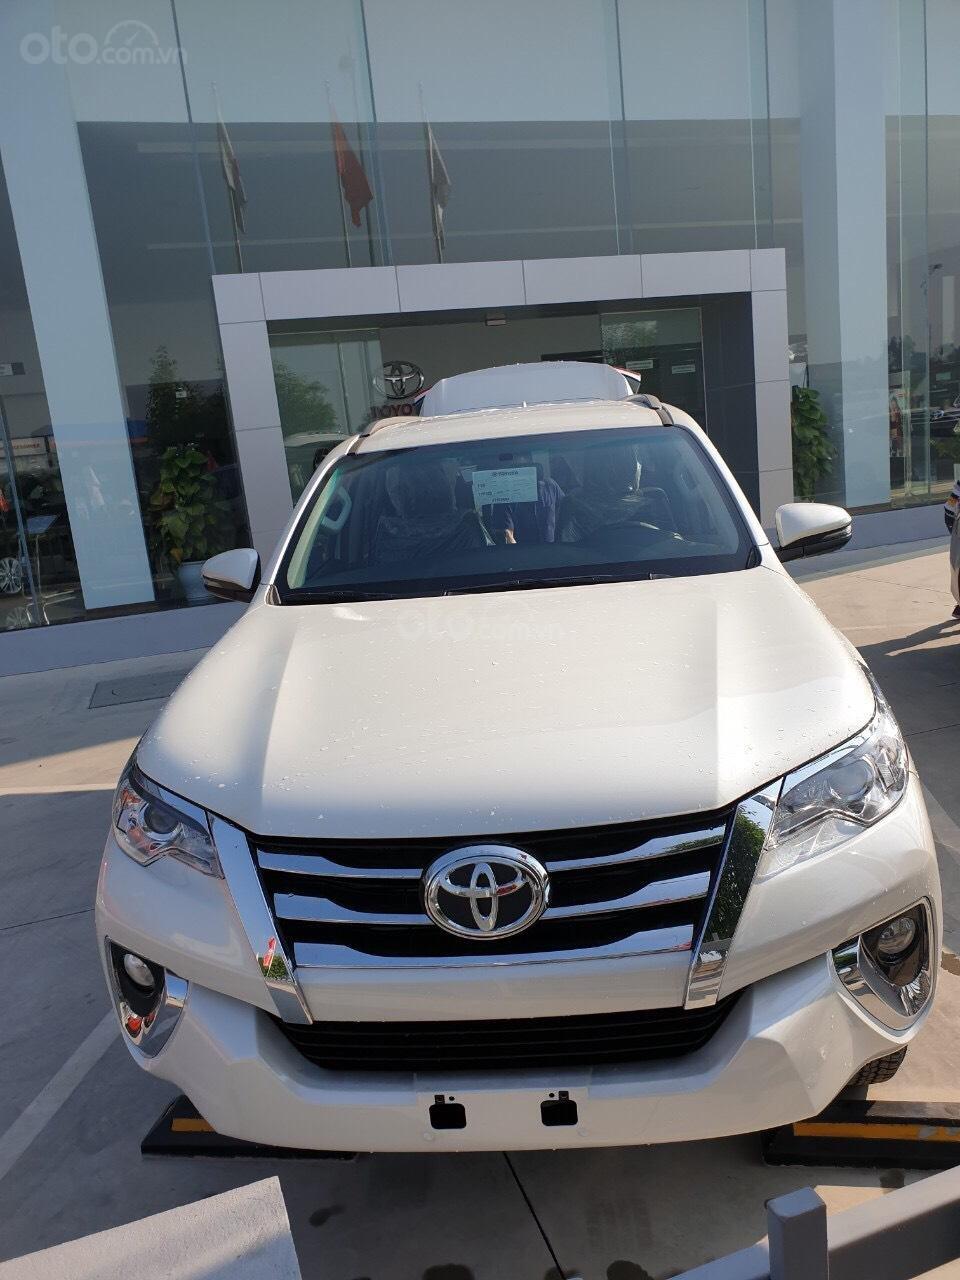 Toyota Fortuner 2.4 AT 2020 - chỉ tiêu duy nhất 3 xe - giá sập sàn (7)